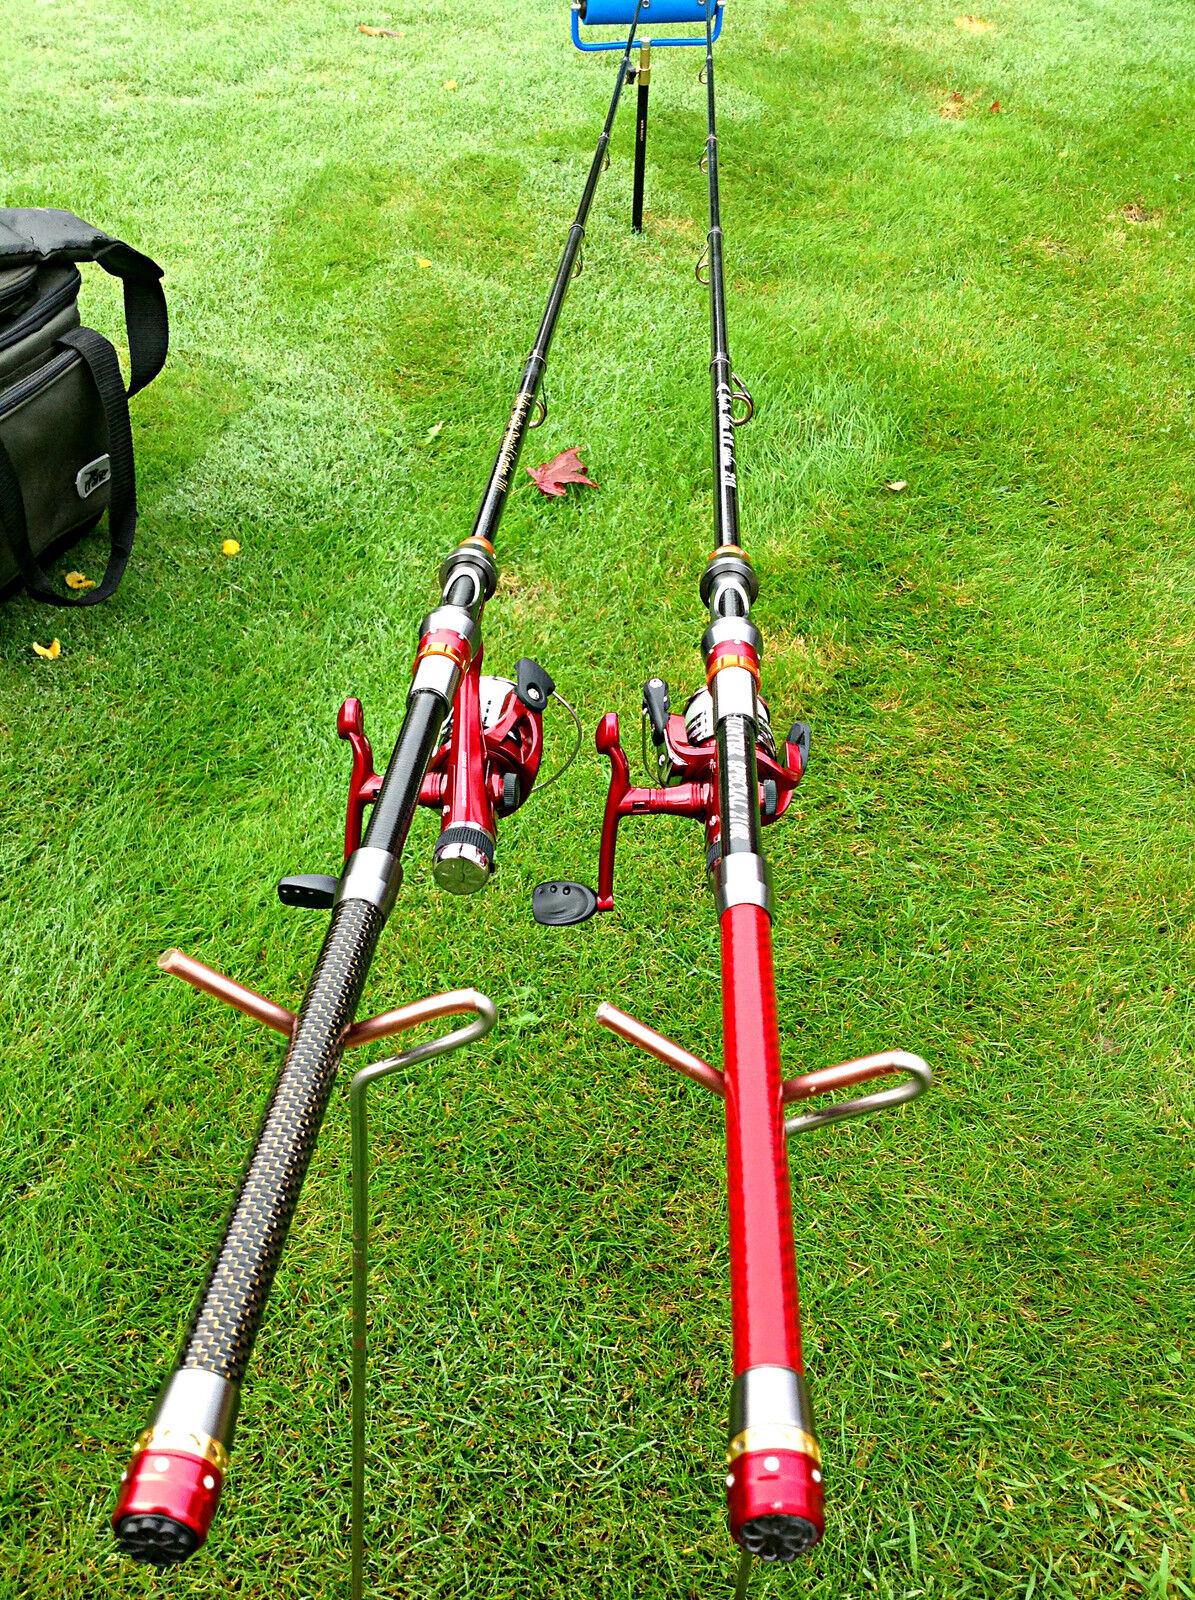 SPINNING Da Da Da viaggio Canna da pesca 2.1 M Inc Reel/Gratis UK Spese di Spedizione/Grande regalo di Natale 5ba6d7